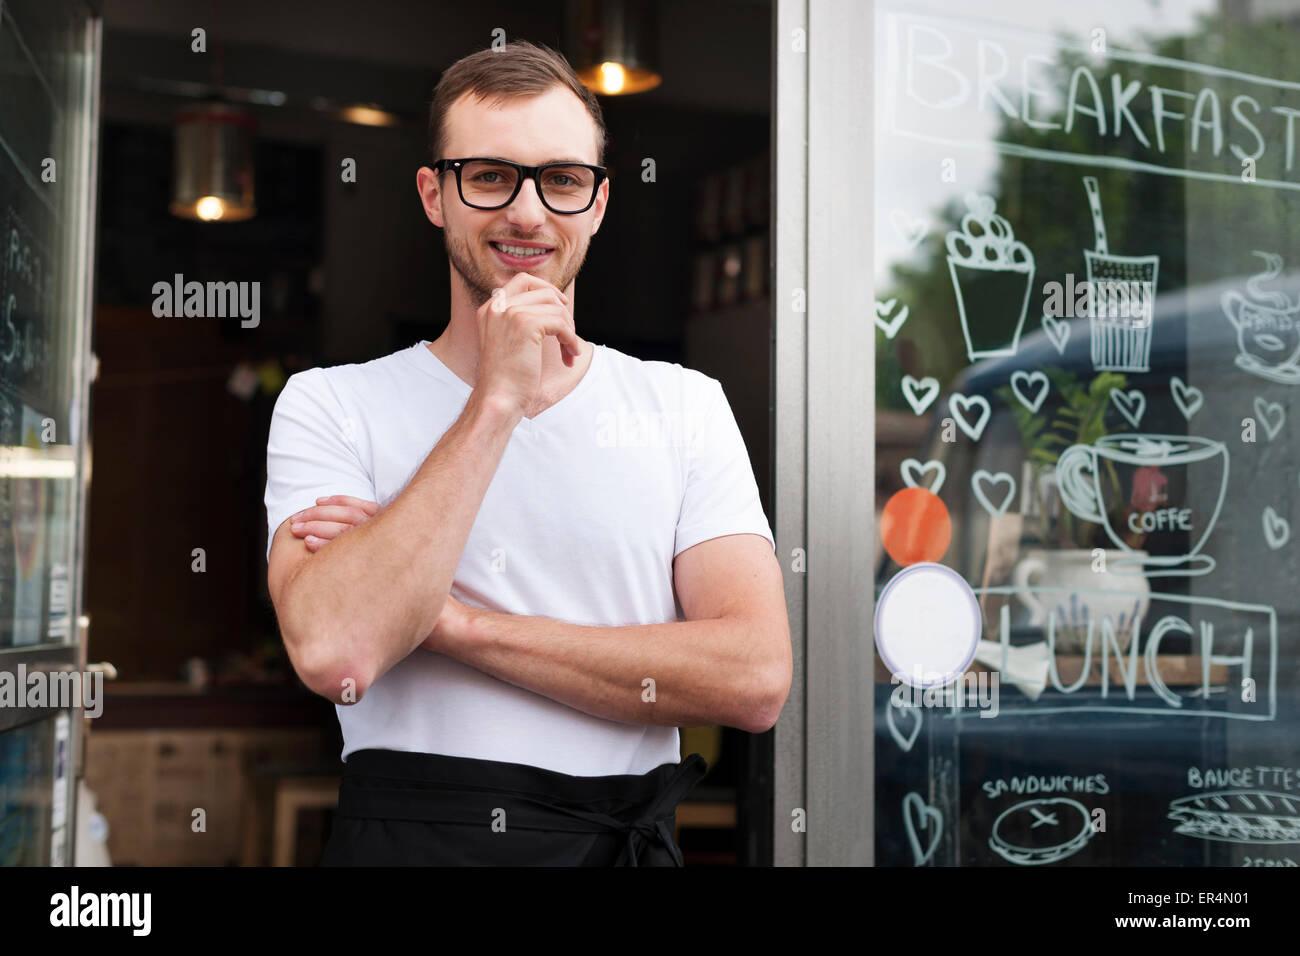 Porträt von lächelnden männlichen Kellner vor dem Café. Krakau, Polen Stockbild